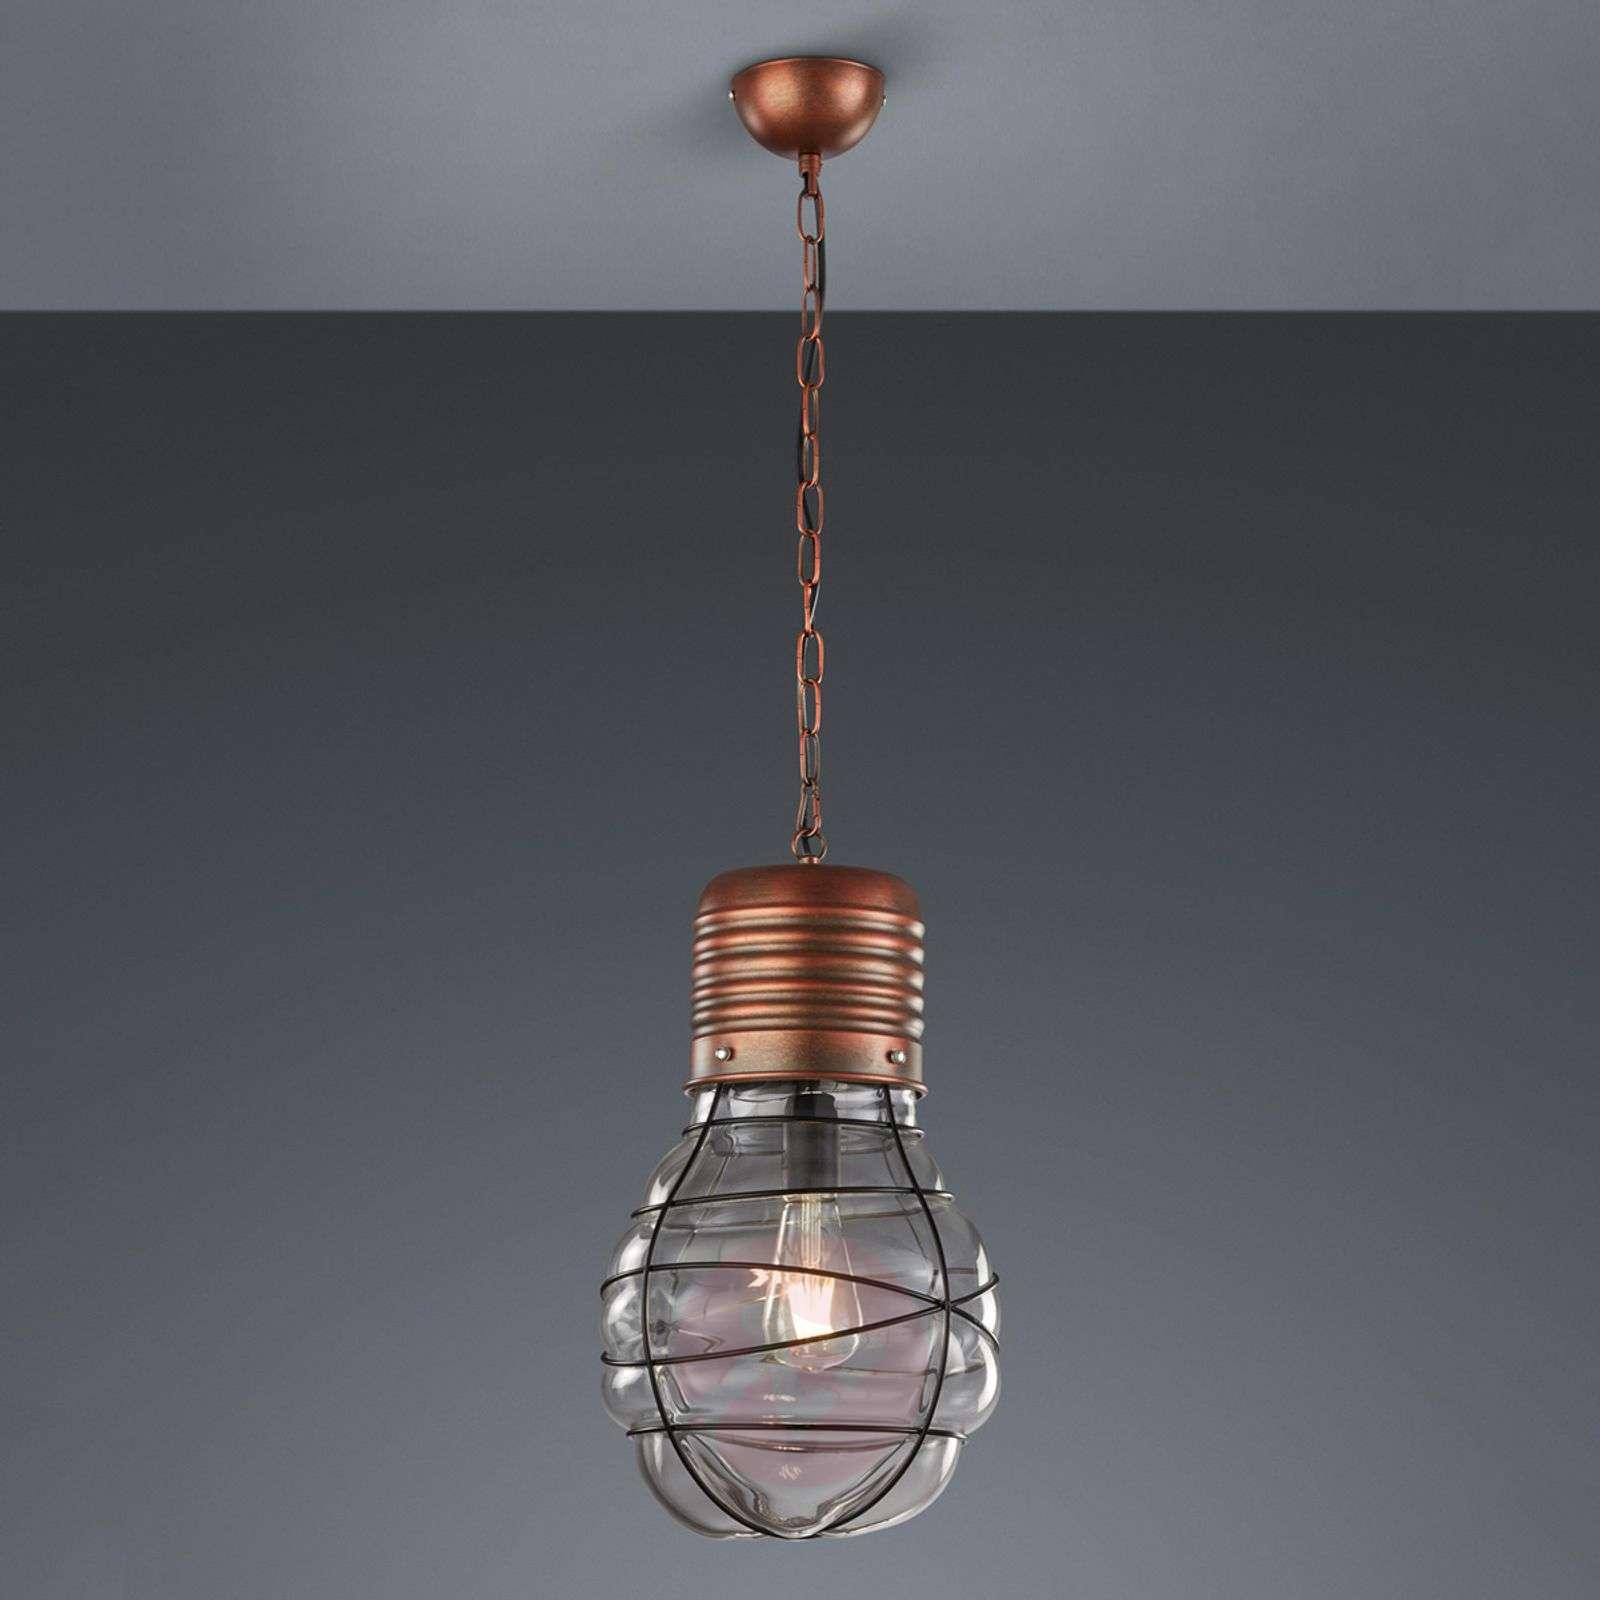 Pendant lamp Edda Antique copper-9005303-01